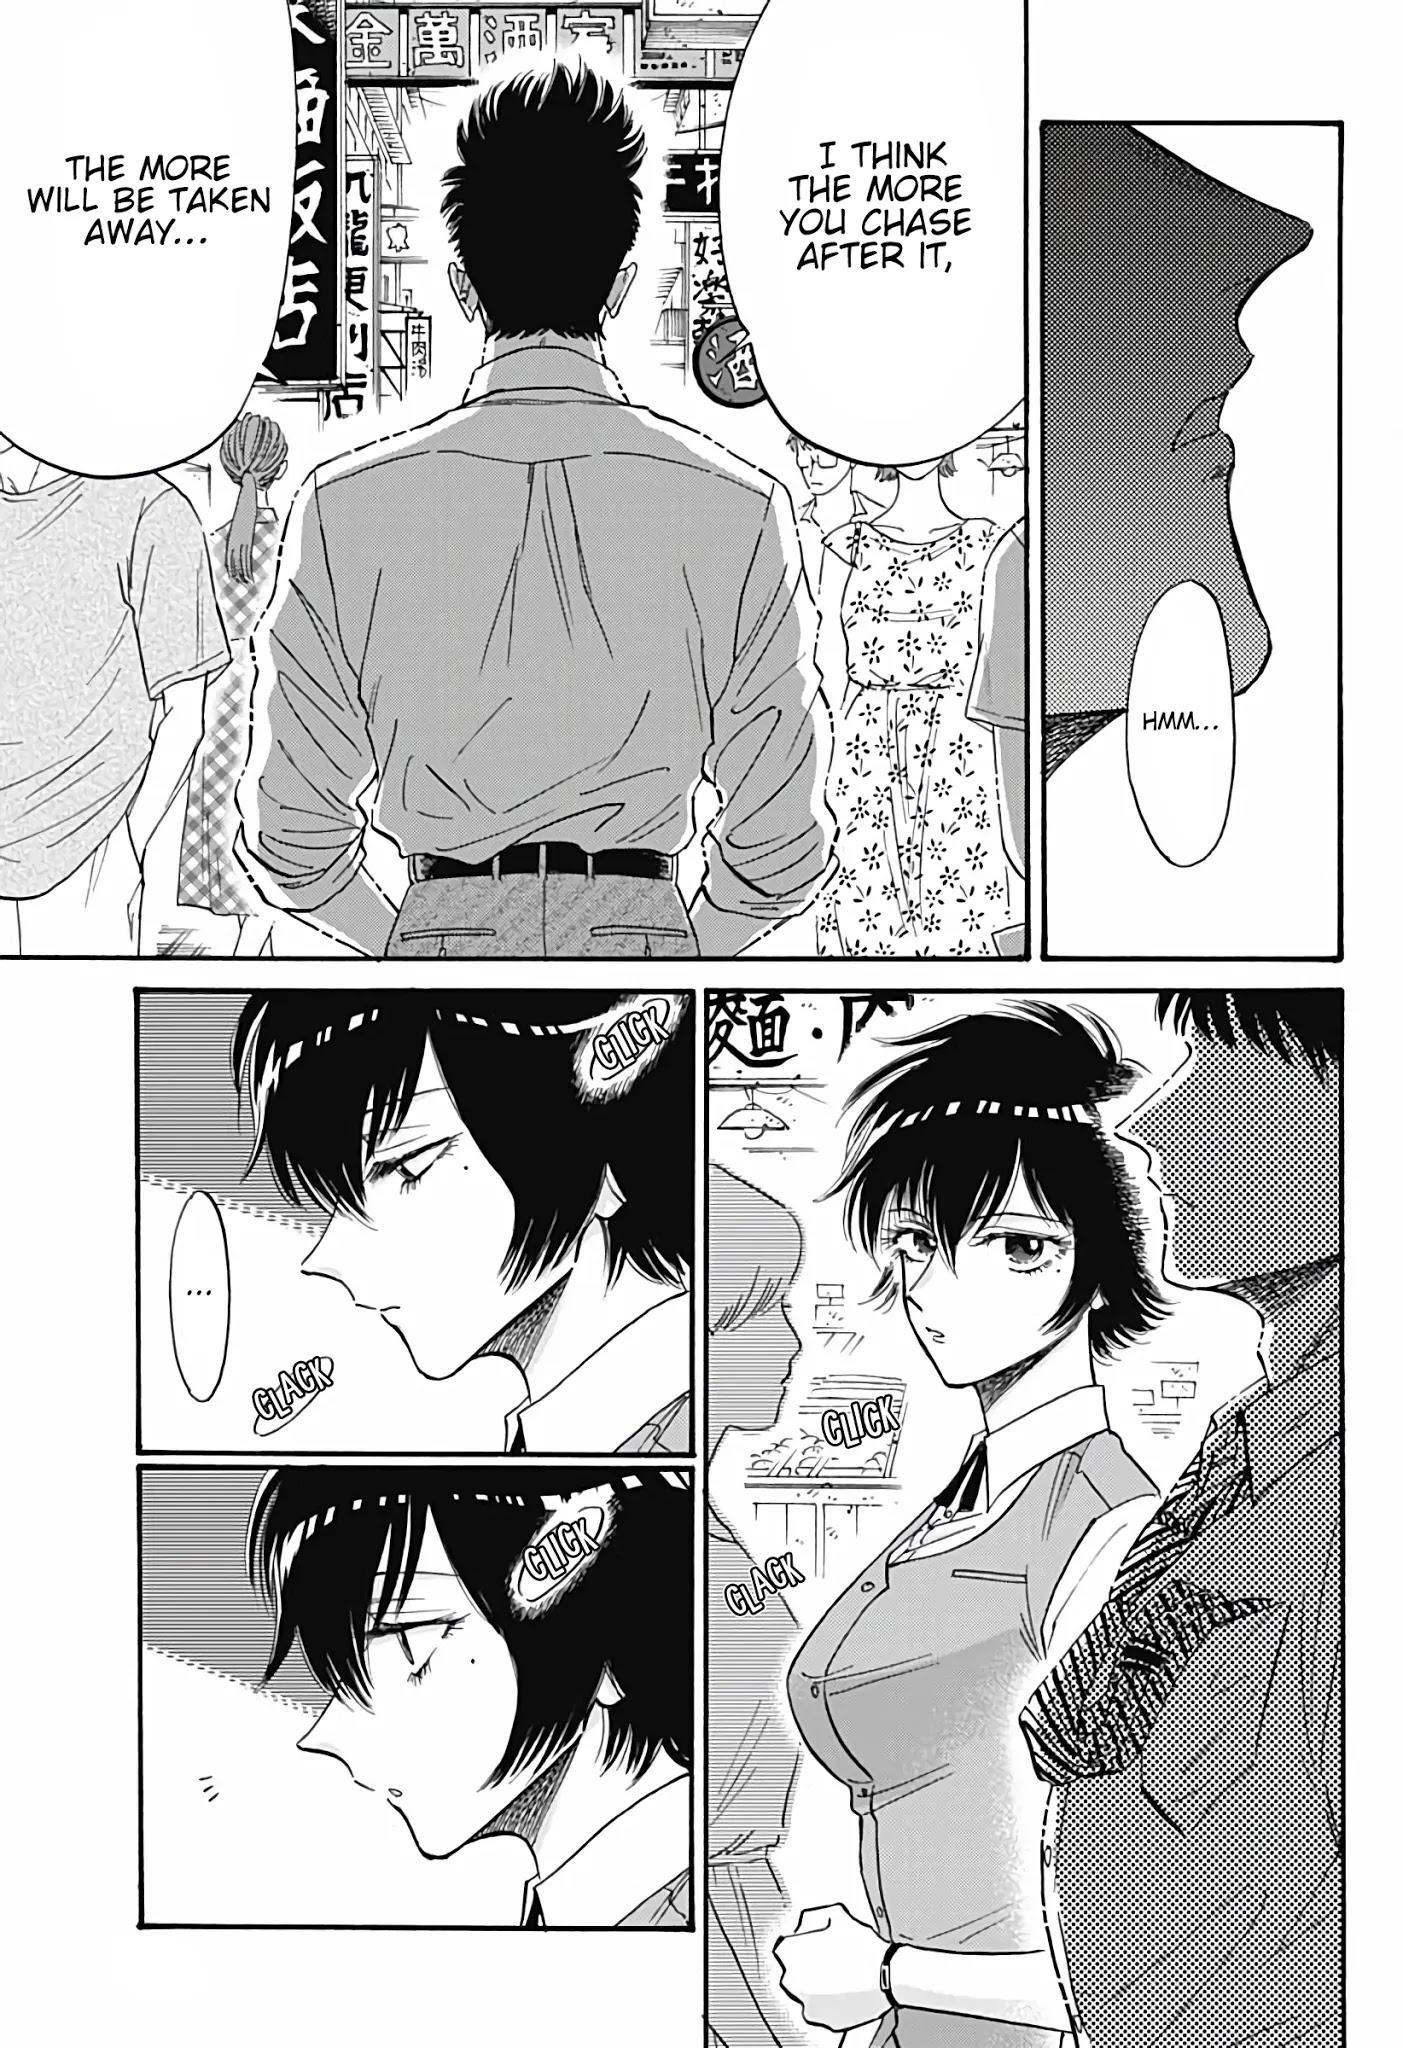 Kowloon Generic Romance Chapter 39 page 16 - Mangakakalots.com